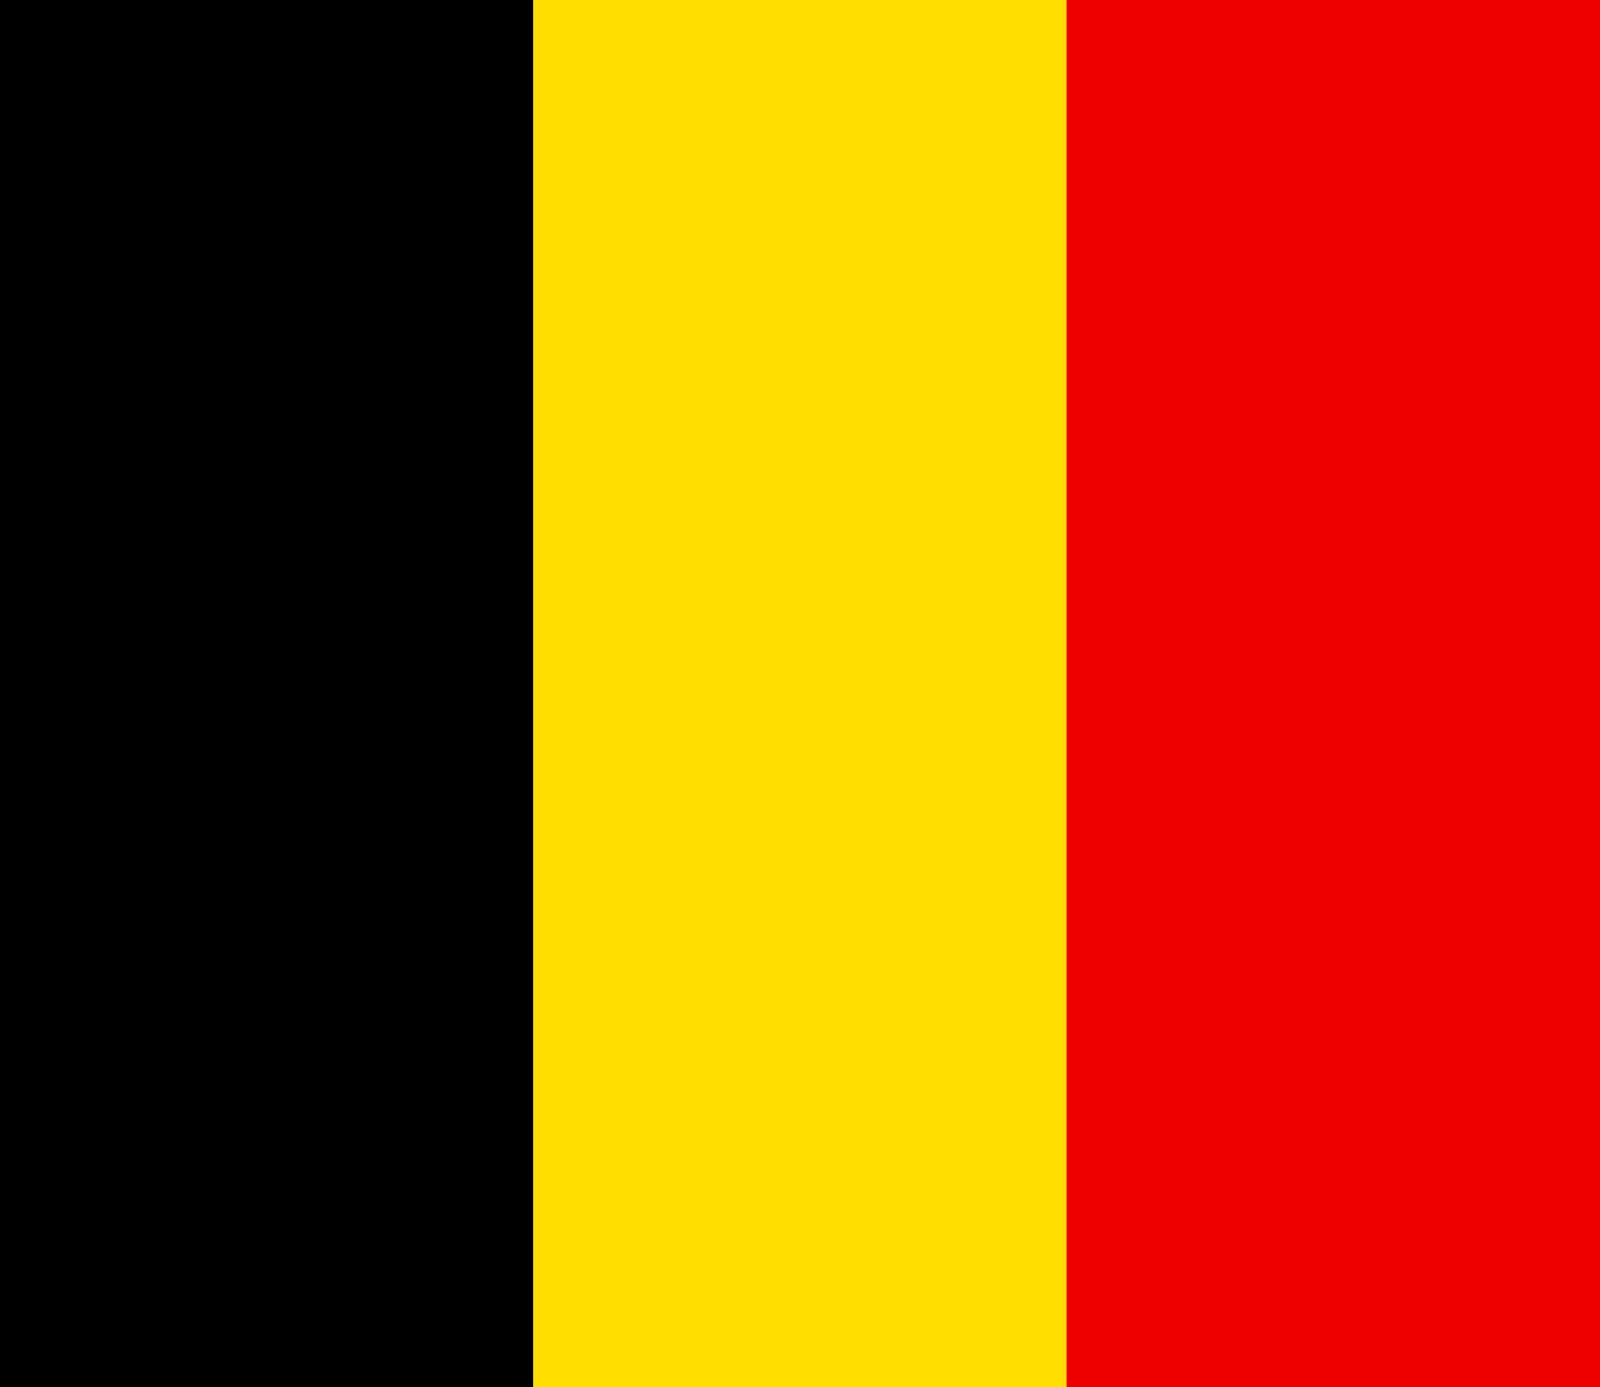 picture of Belgium flag